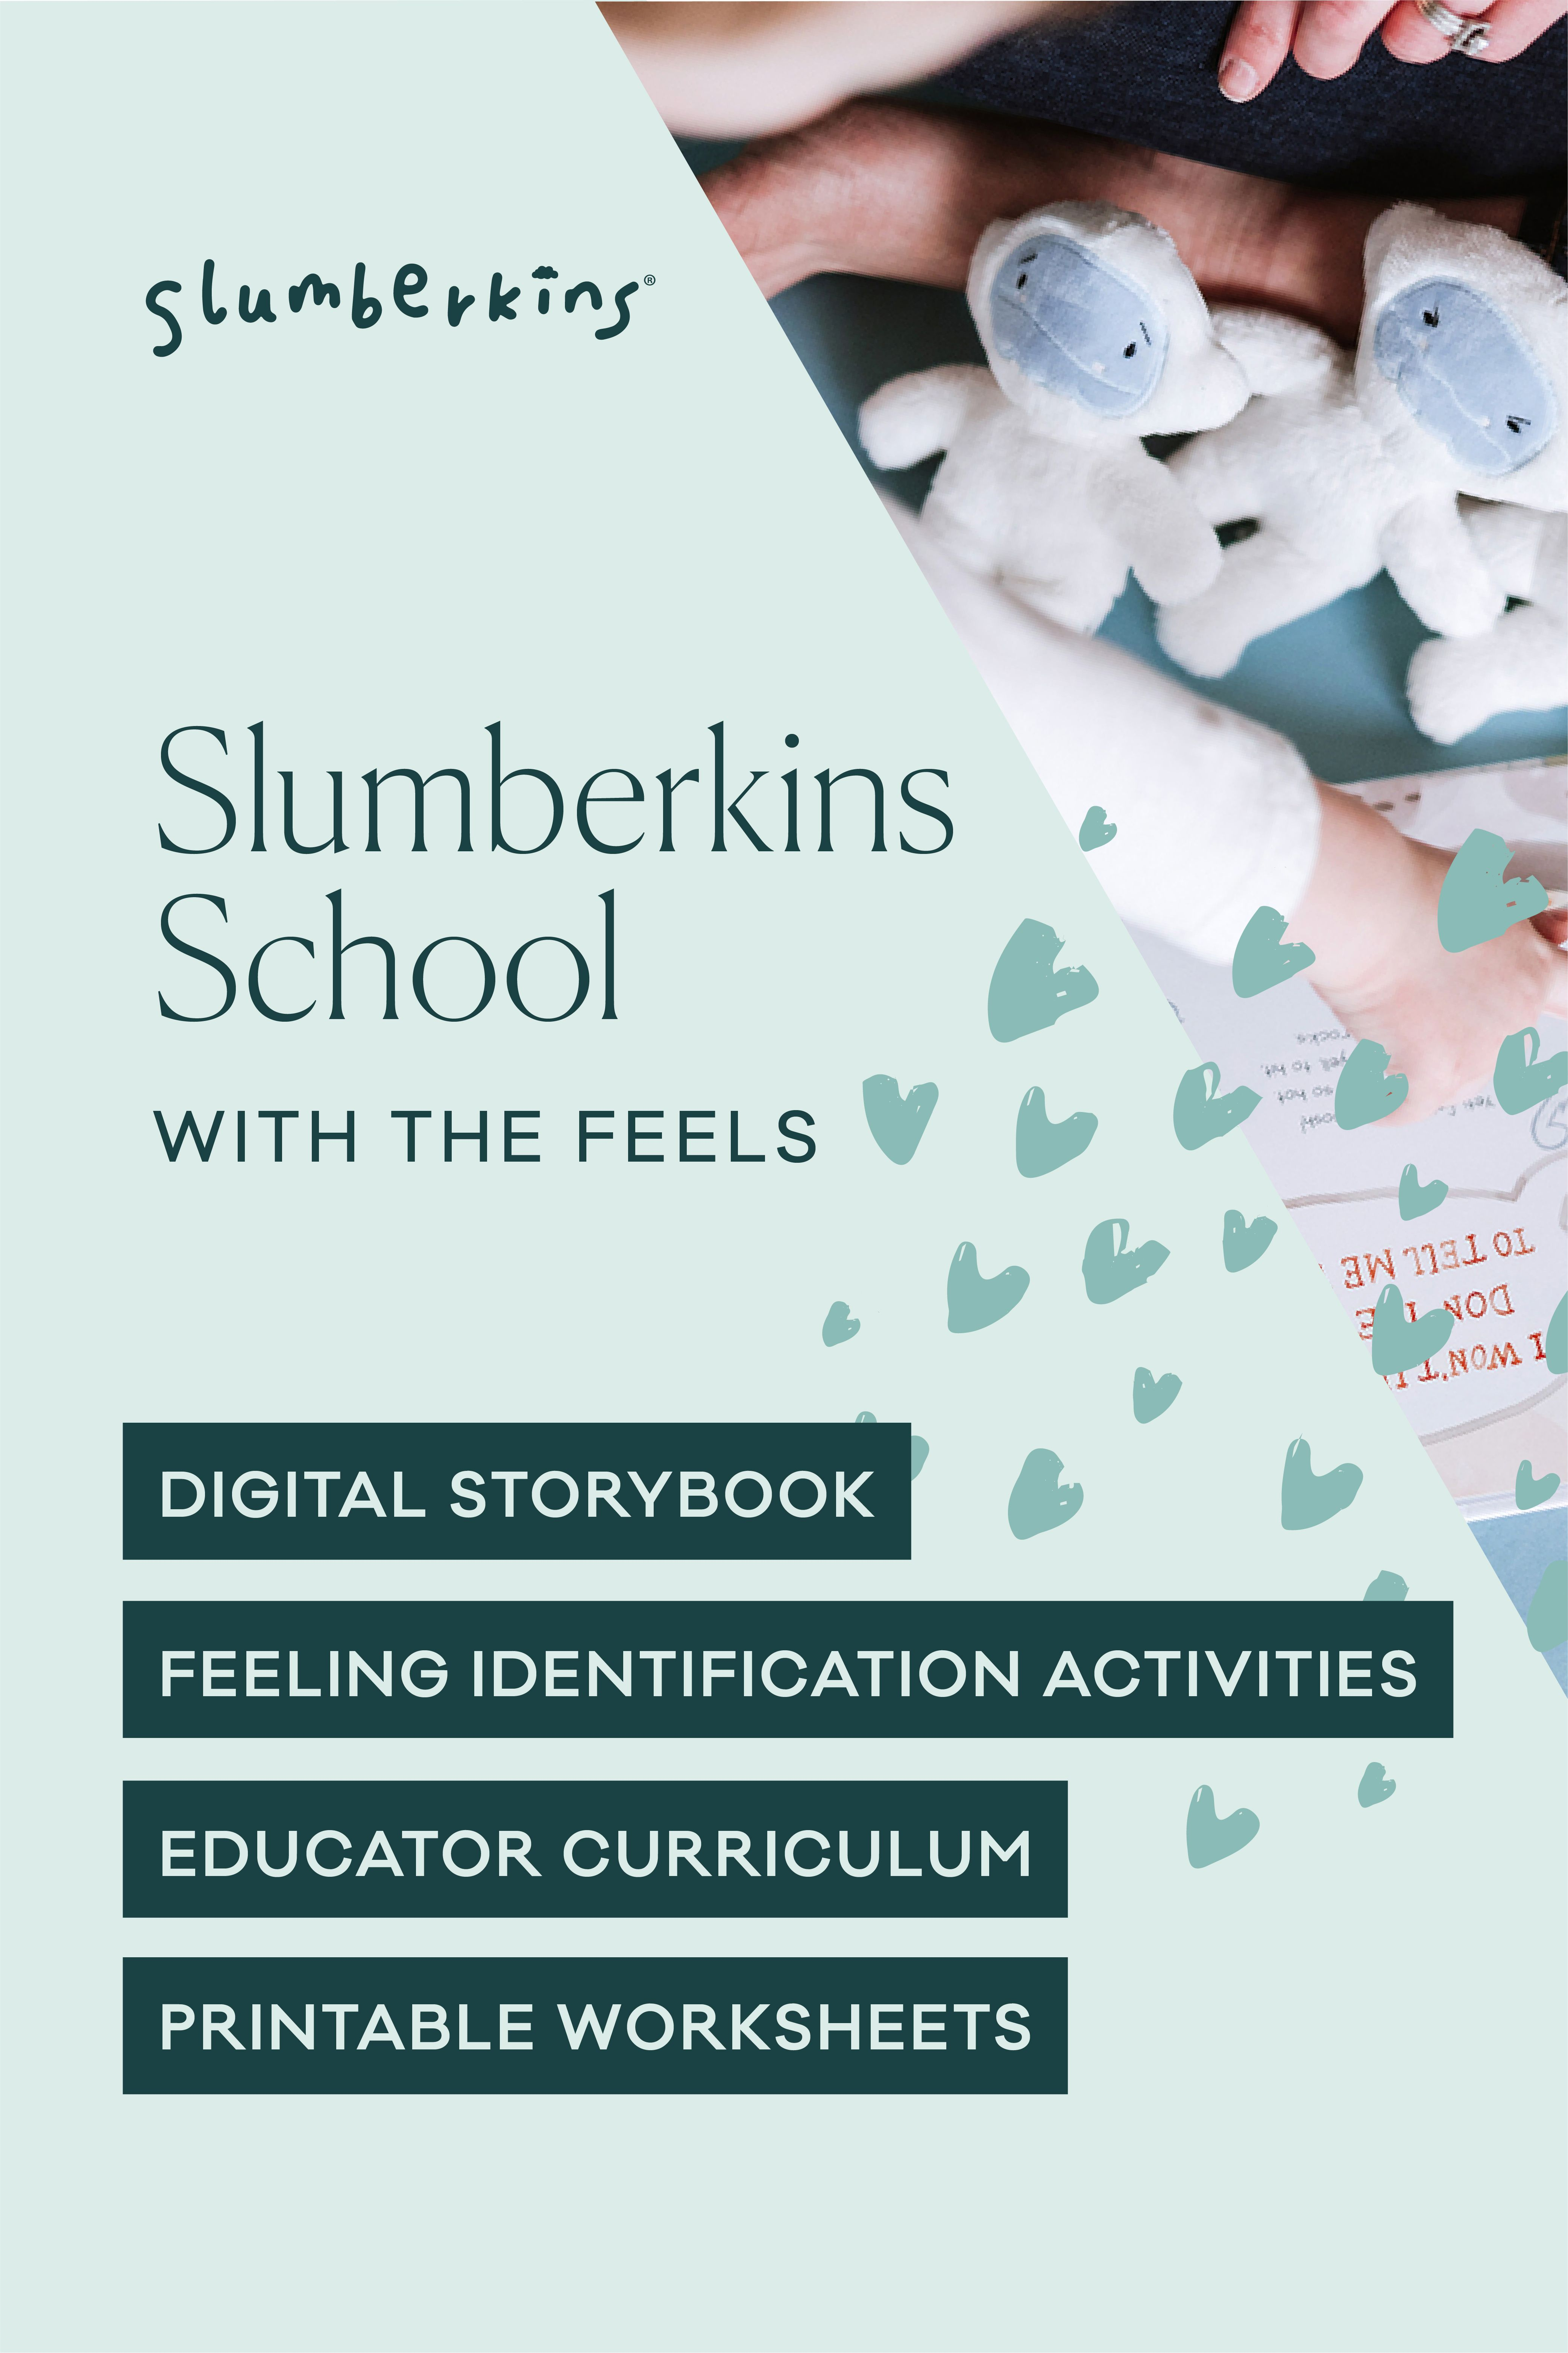 Slumberkins School